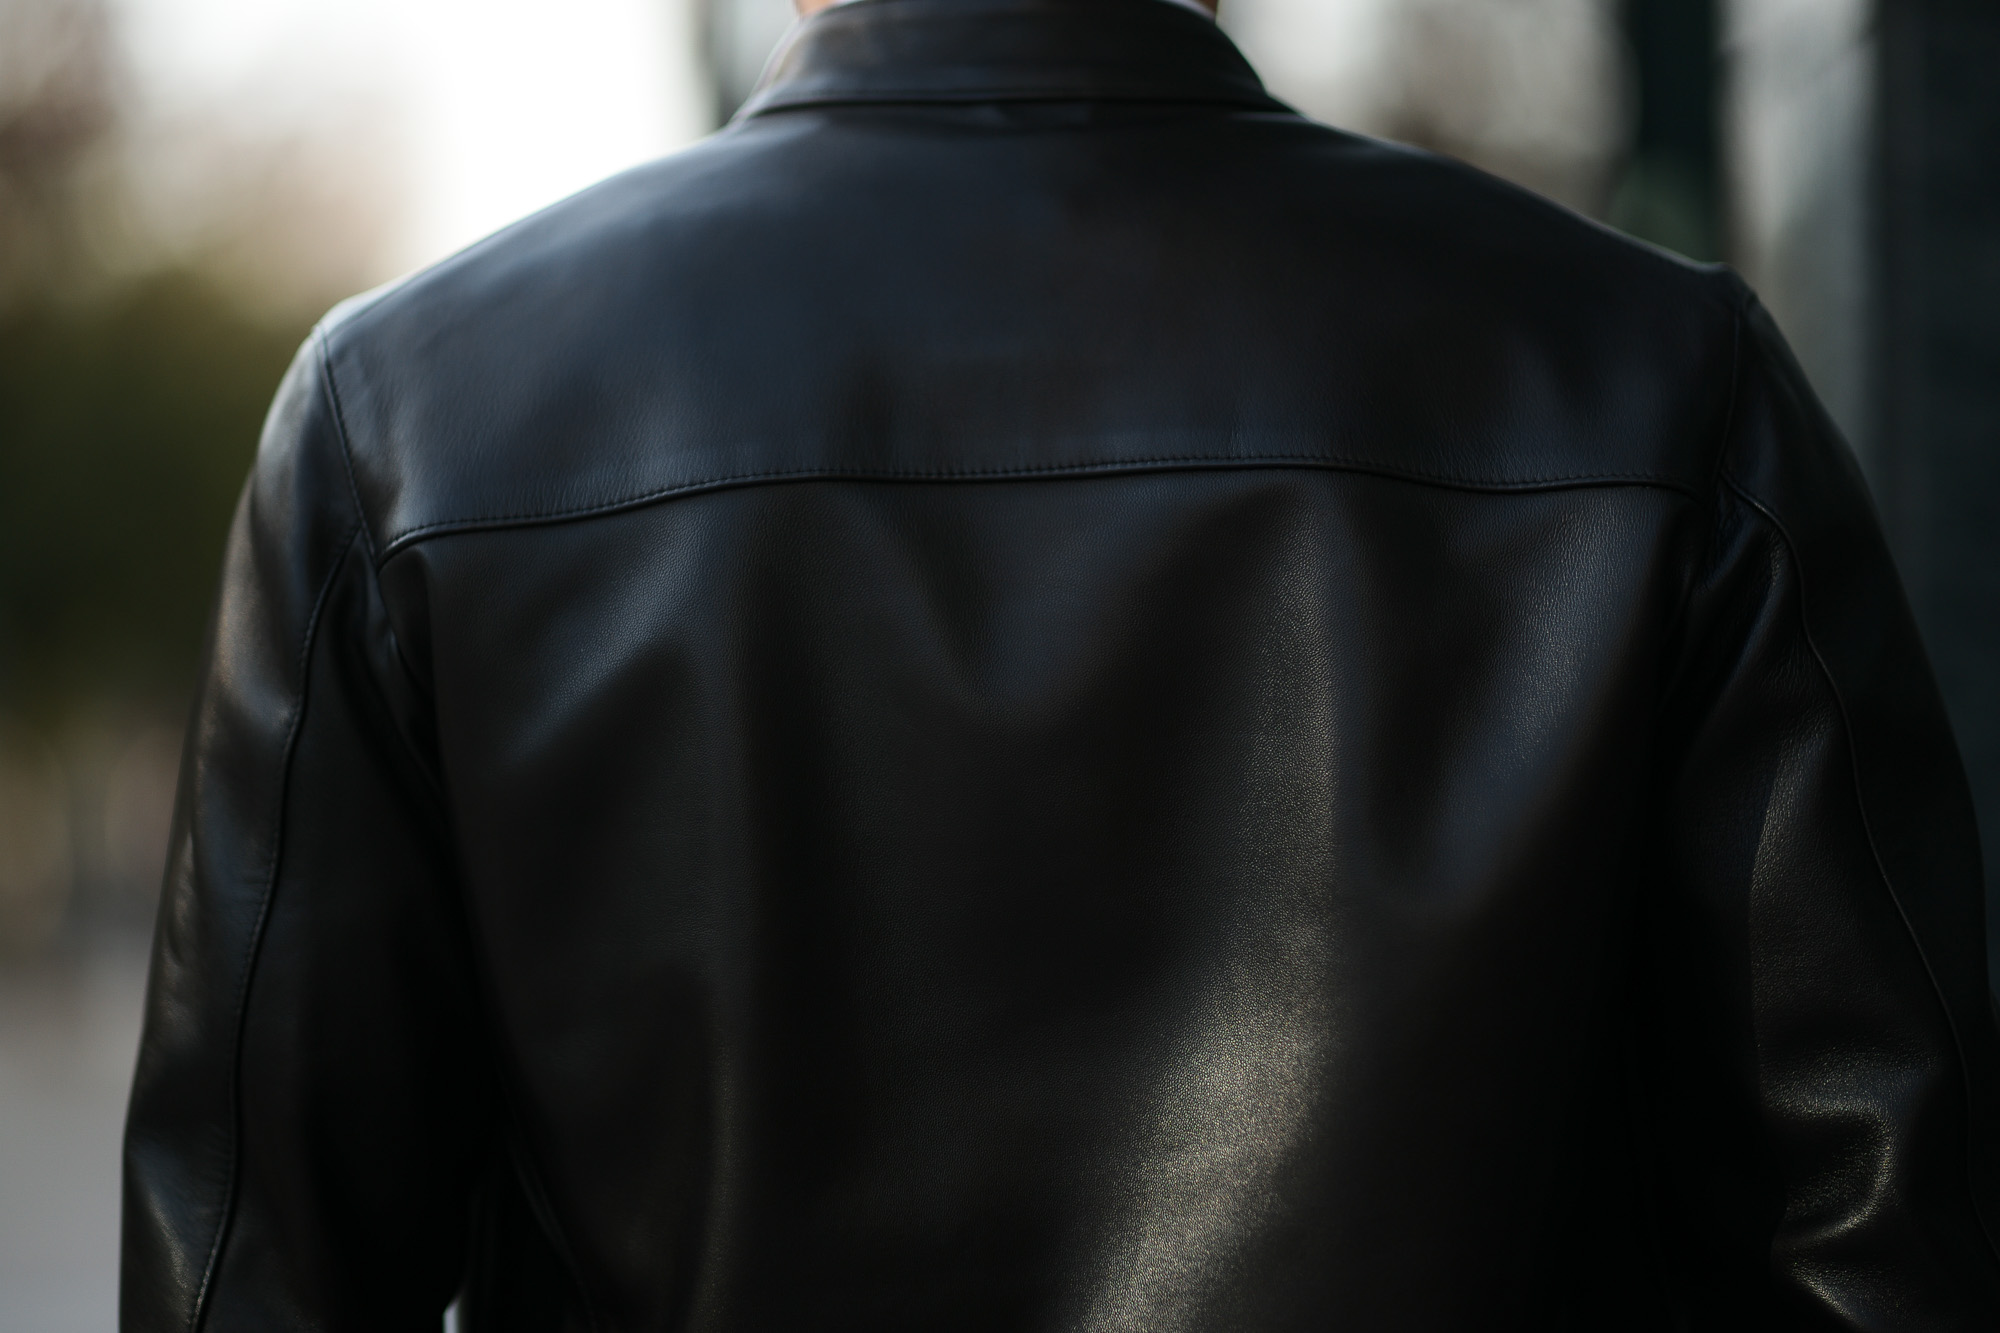 CINQUANTA(チンクアンタ) H502 STAND COLLAR RIDERS (スタンド カラー ジャケット) NAPPA LEATHER ナッパレザー シングル ライダース ジャケット BLACK GOLD (ブラック ゴールド・999) Made in italy (イタリア製) 2019 秋冬 【第1便ご予約受付中】 cinquanta チンクアンタ レザージャケット 愛知 名古屋 Alto e Diritto アルト エ デリット アルトエデリット